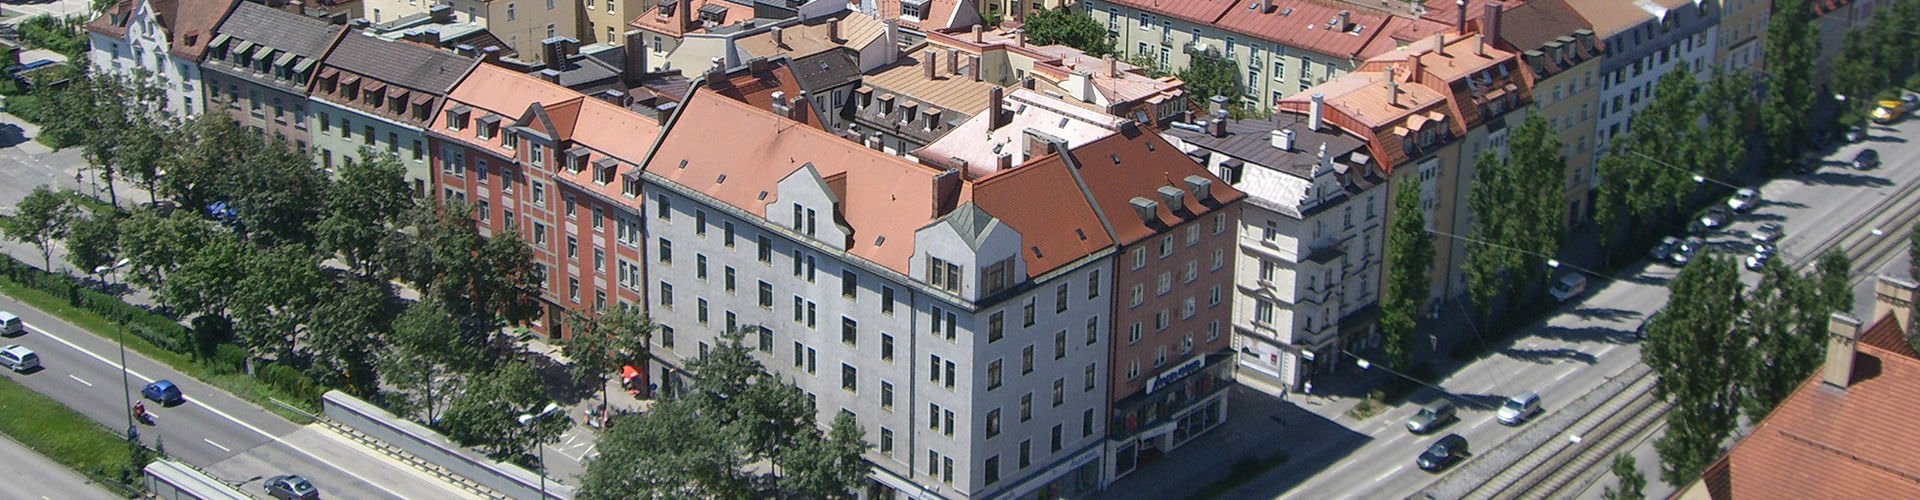 뮌헨 - Westend지역에 위치한 호텔. 뮌헨의 지도, 뮌헨에 위치한 호텔에 대한 사진 및 리뷰.